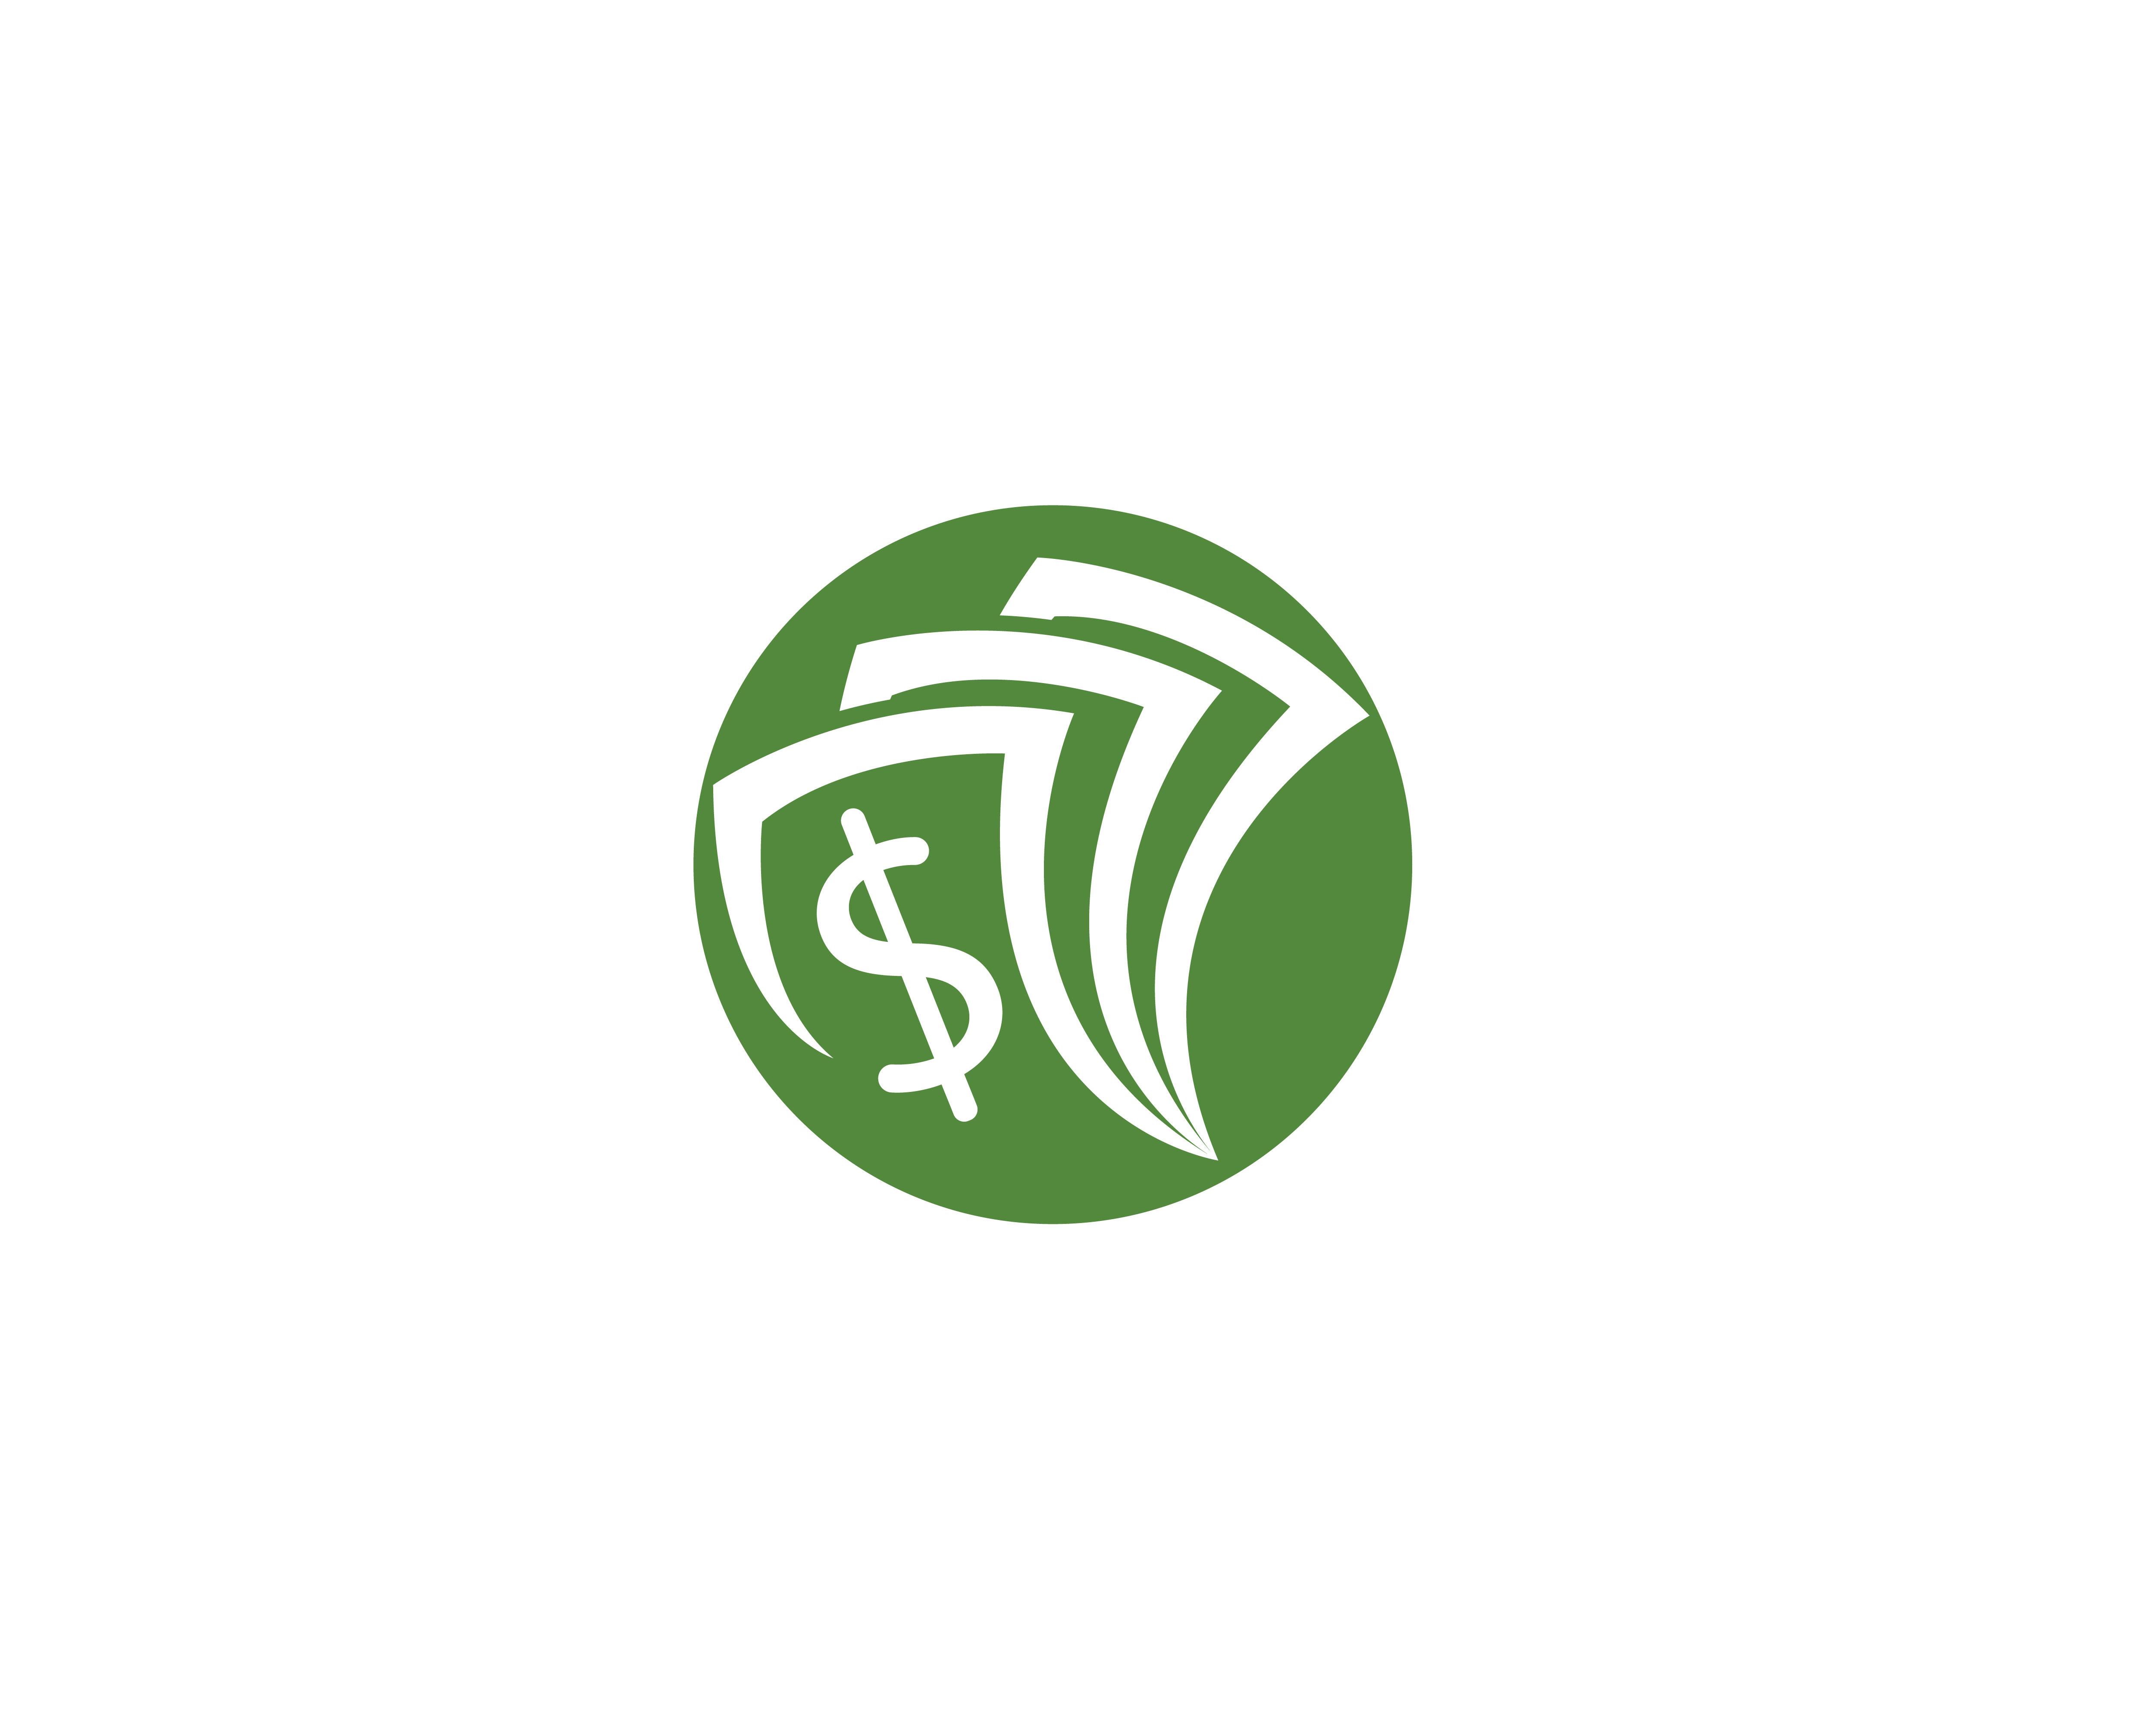 money logo vector template - Download Free Vectors ...